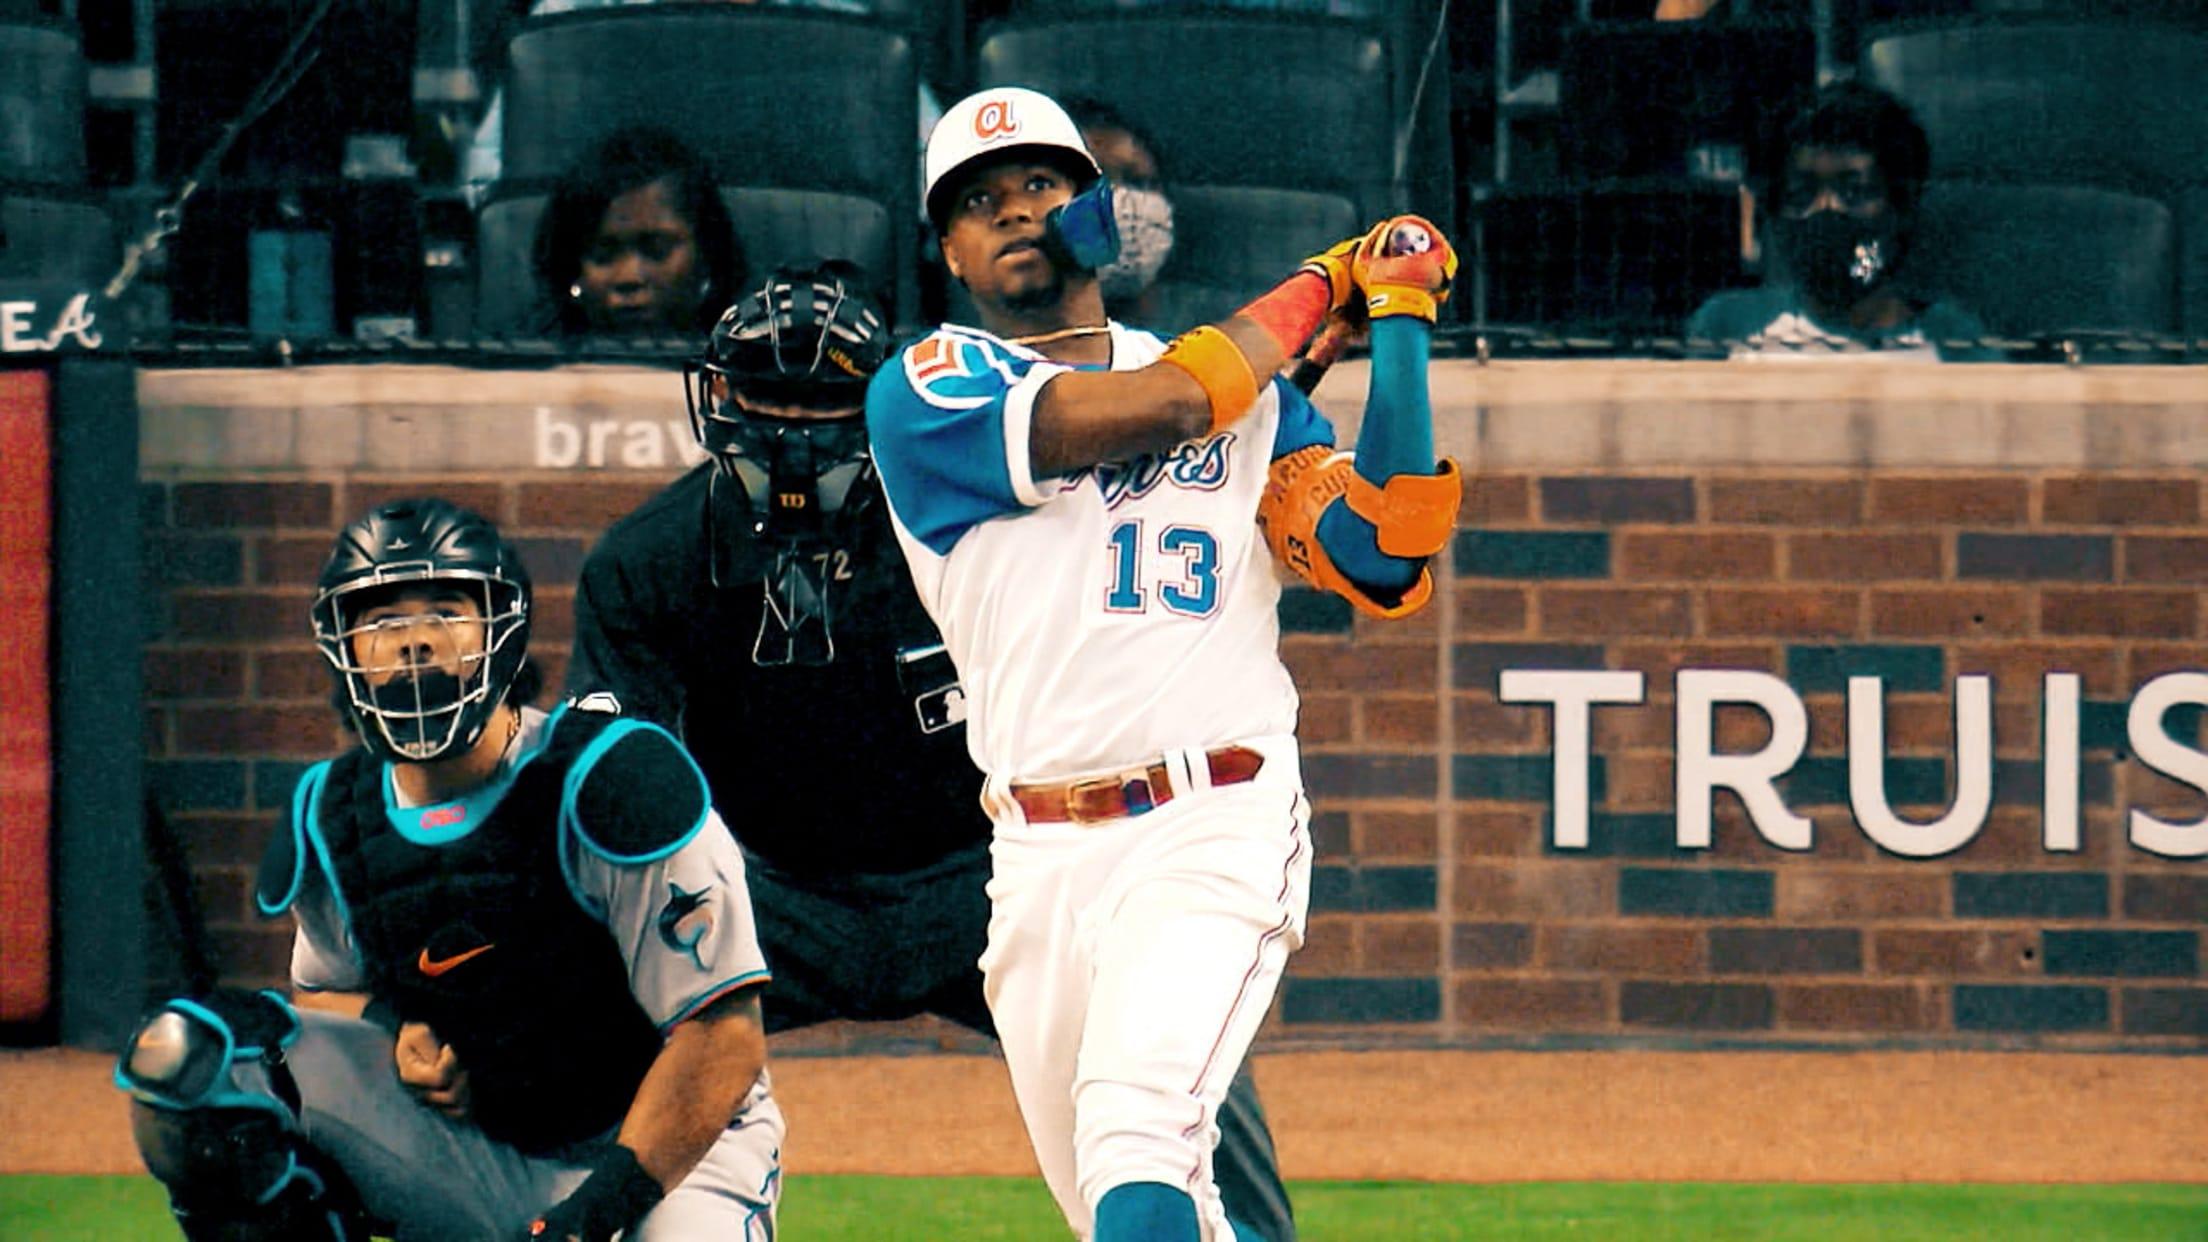 【MLB】第3週 ナ・リーグ週間MVPに輝いたのはブレーブスのロナルド・アクーニャJr. 4.20